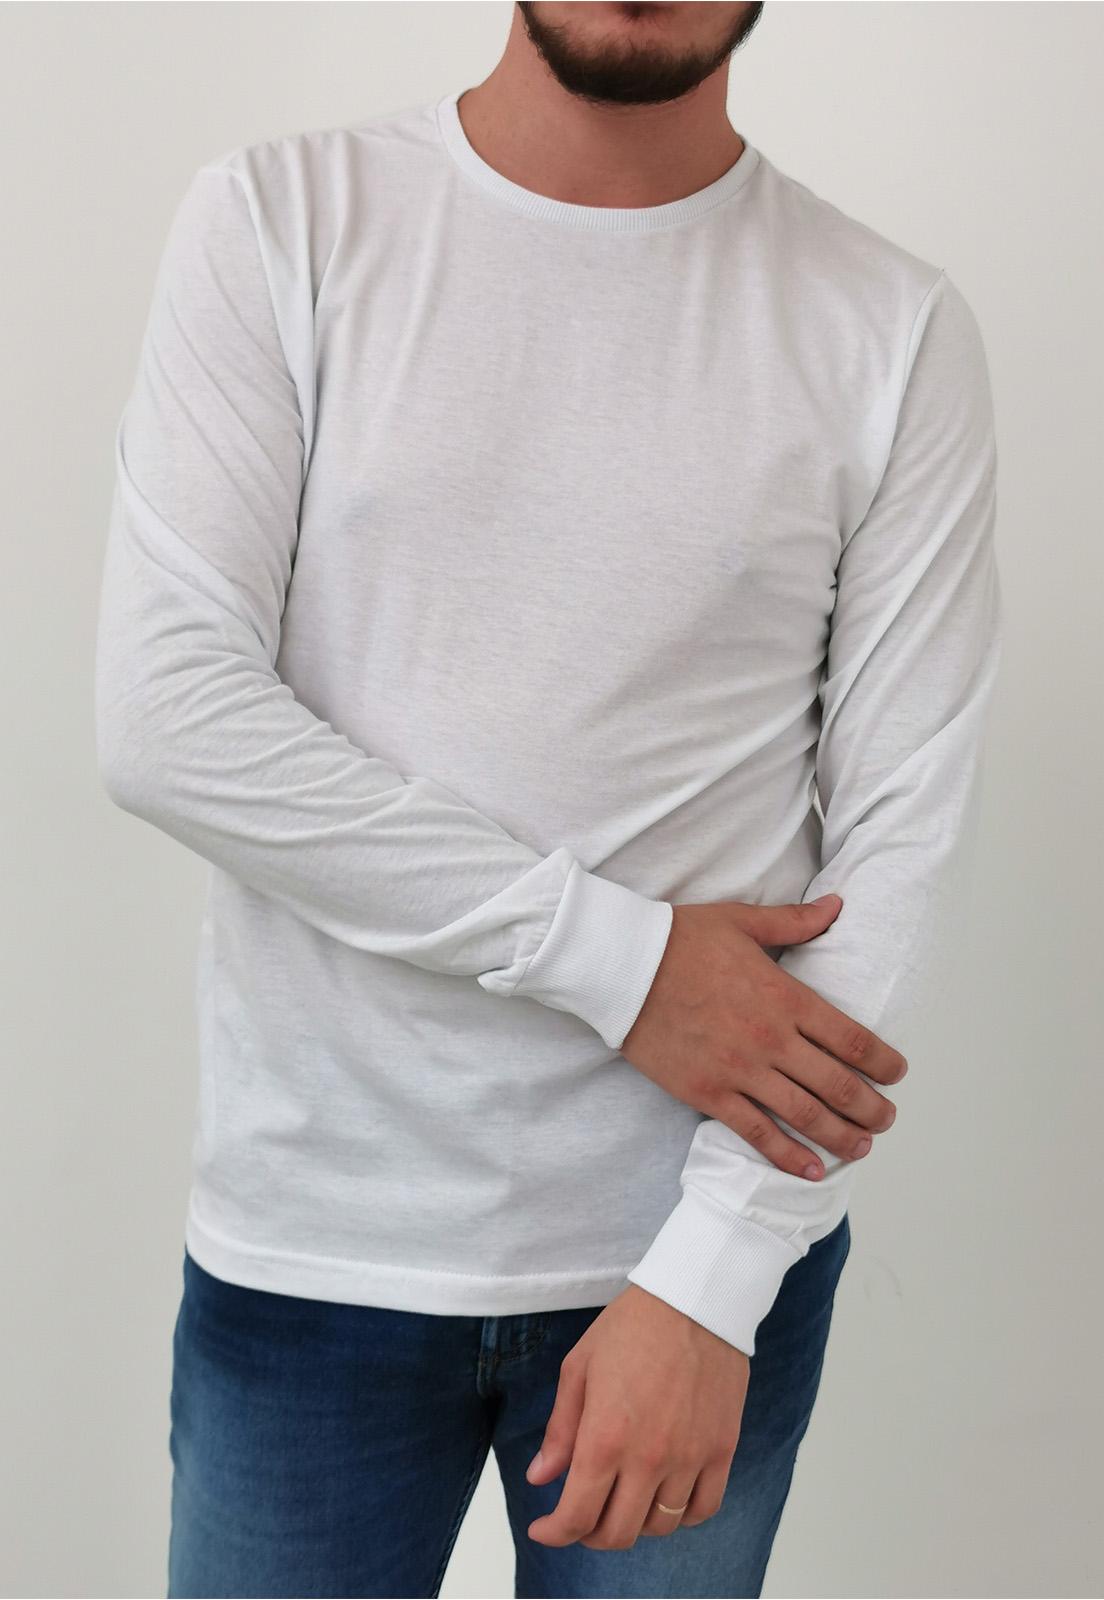 Camiseta Tigs Manga Longa Branco Básica